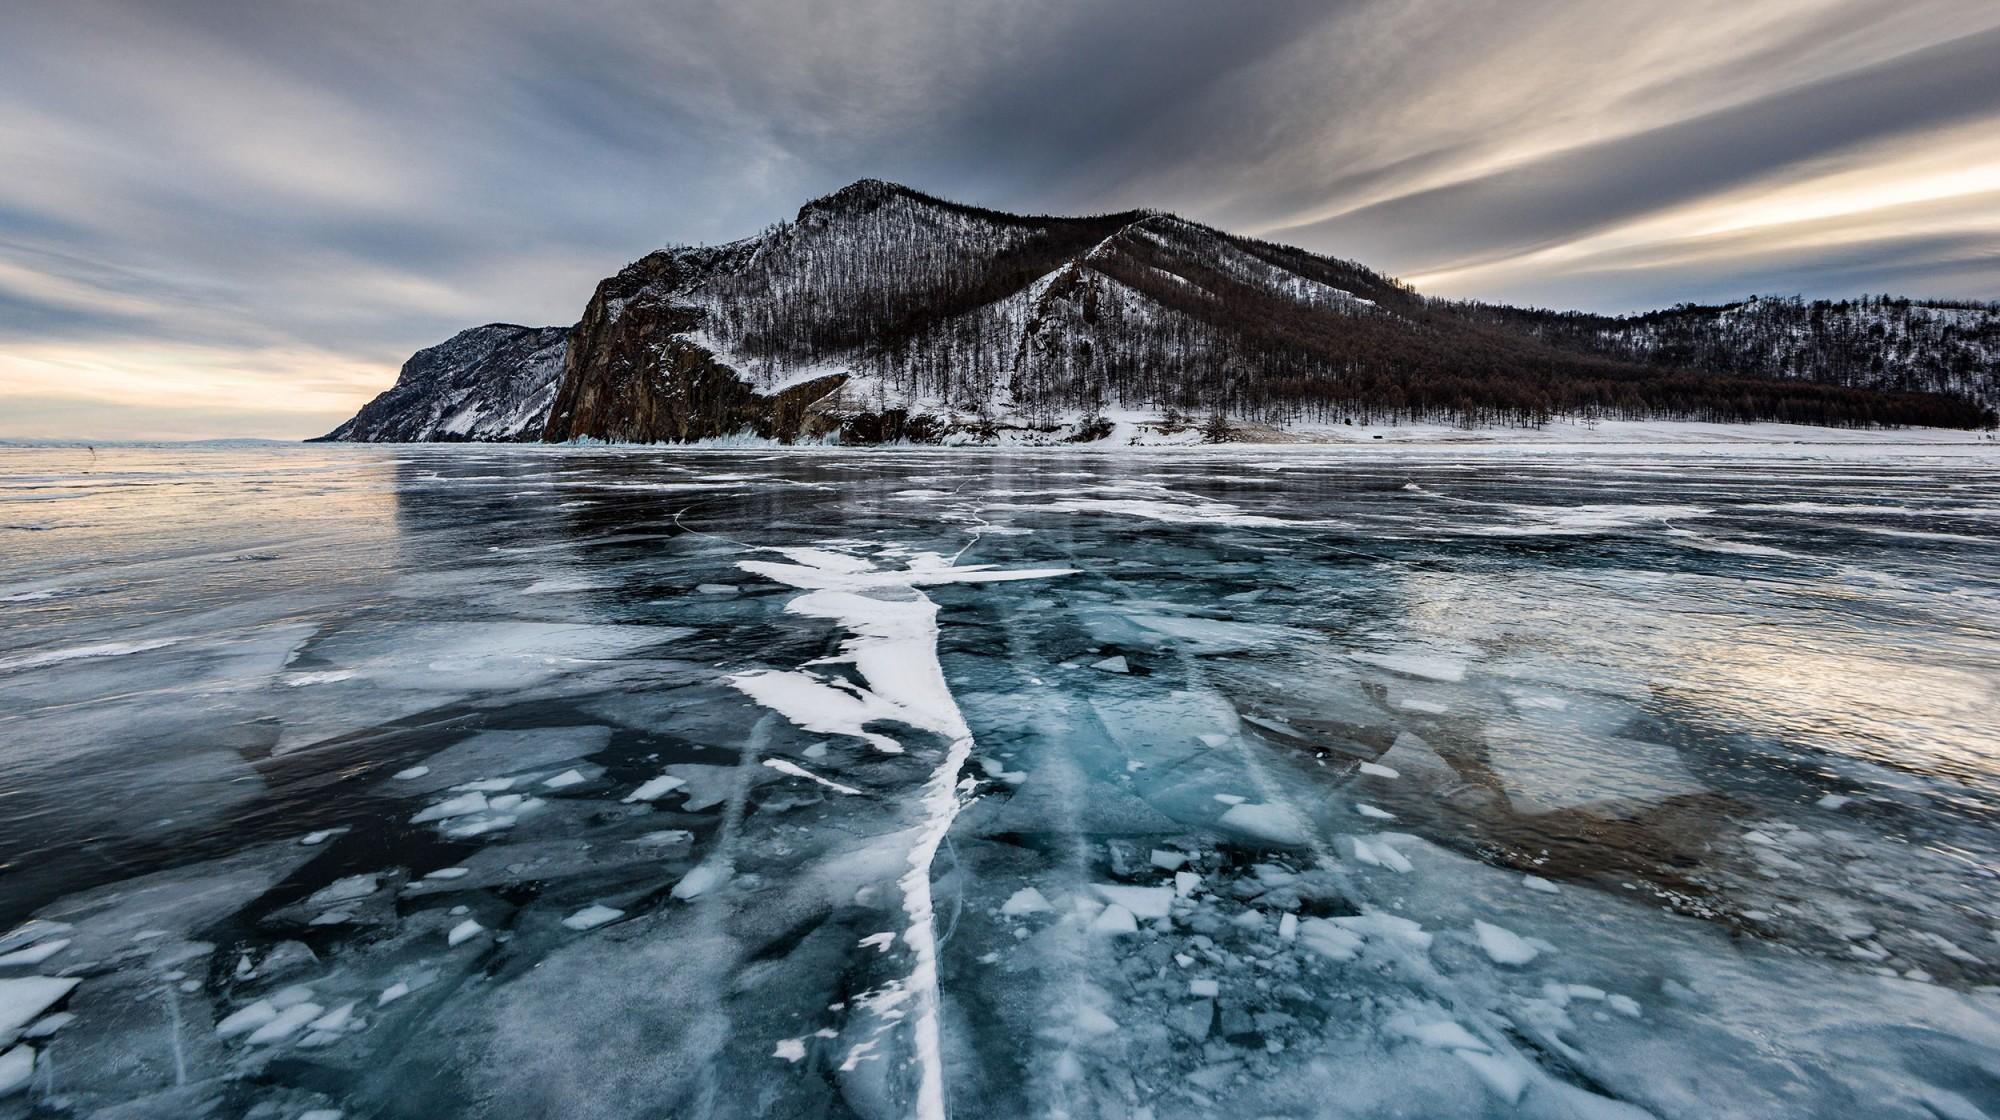 Les températures du Lac Baïkal en hiver peuvent descendre jusqu'à -20 degrés.